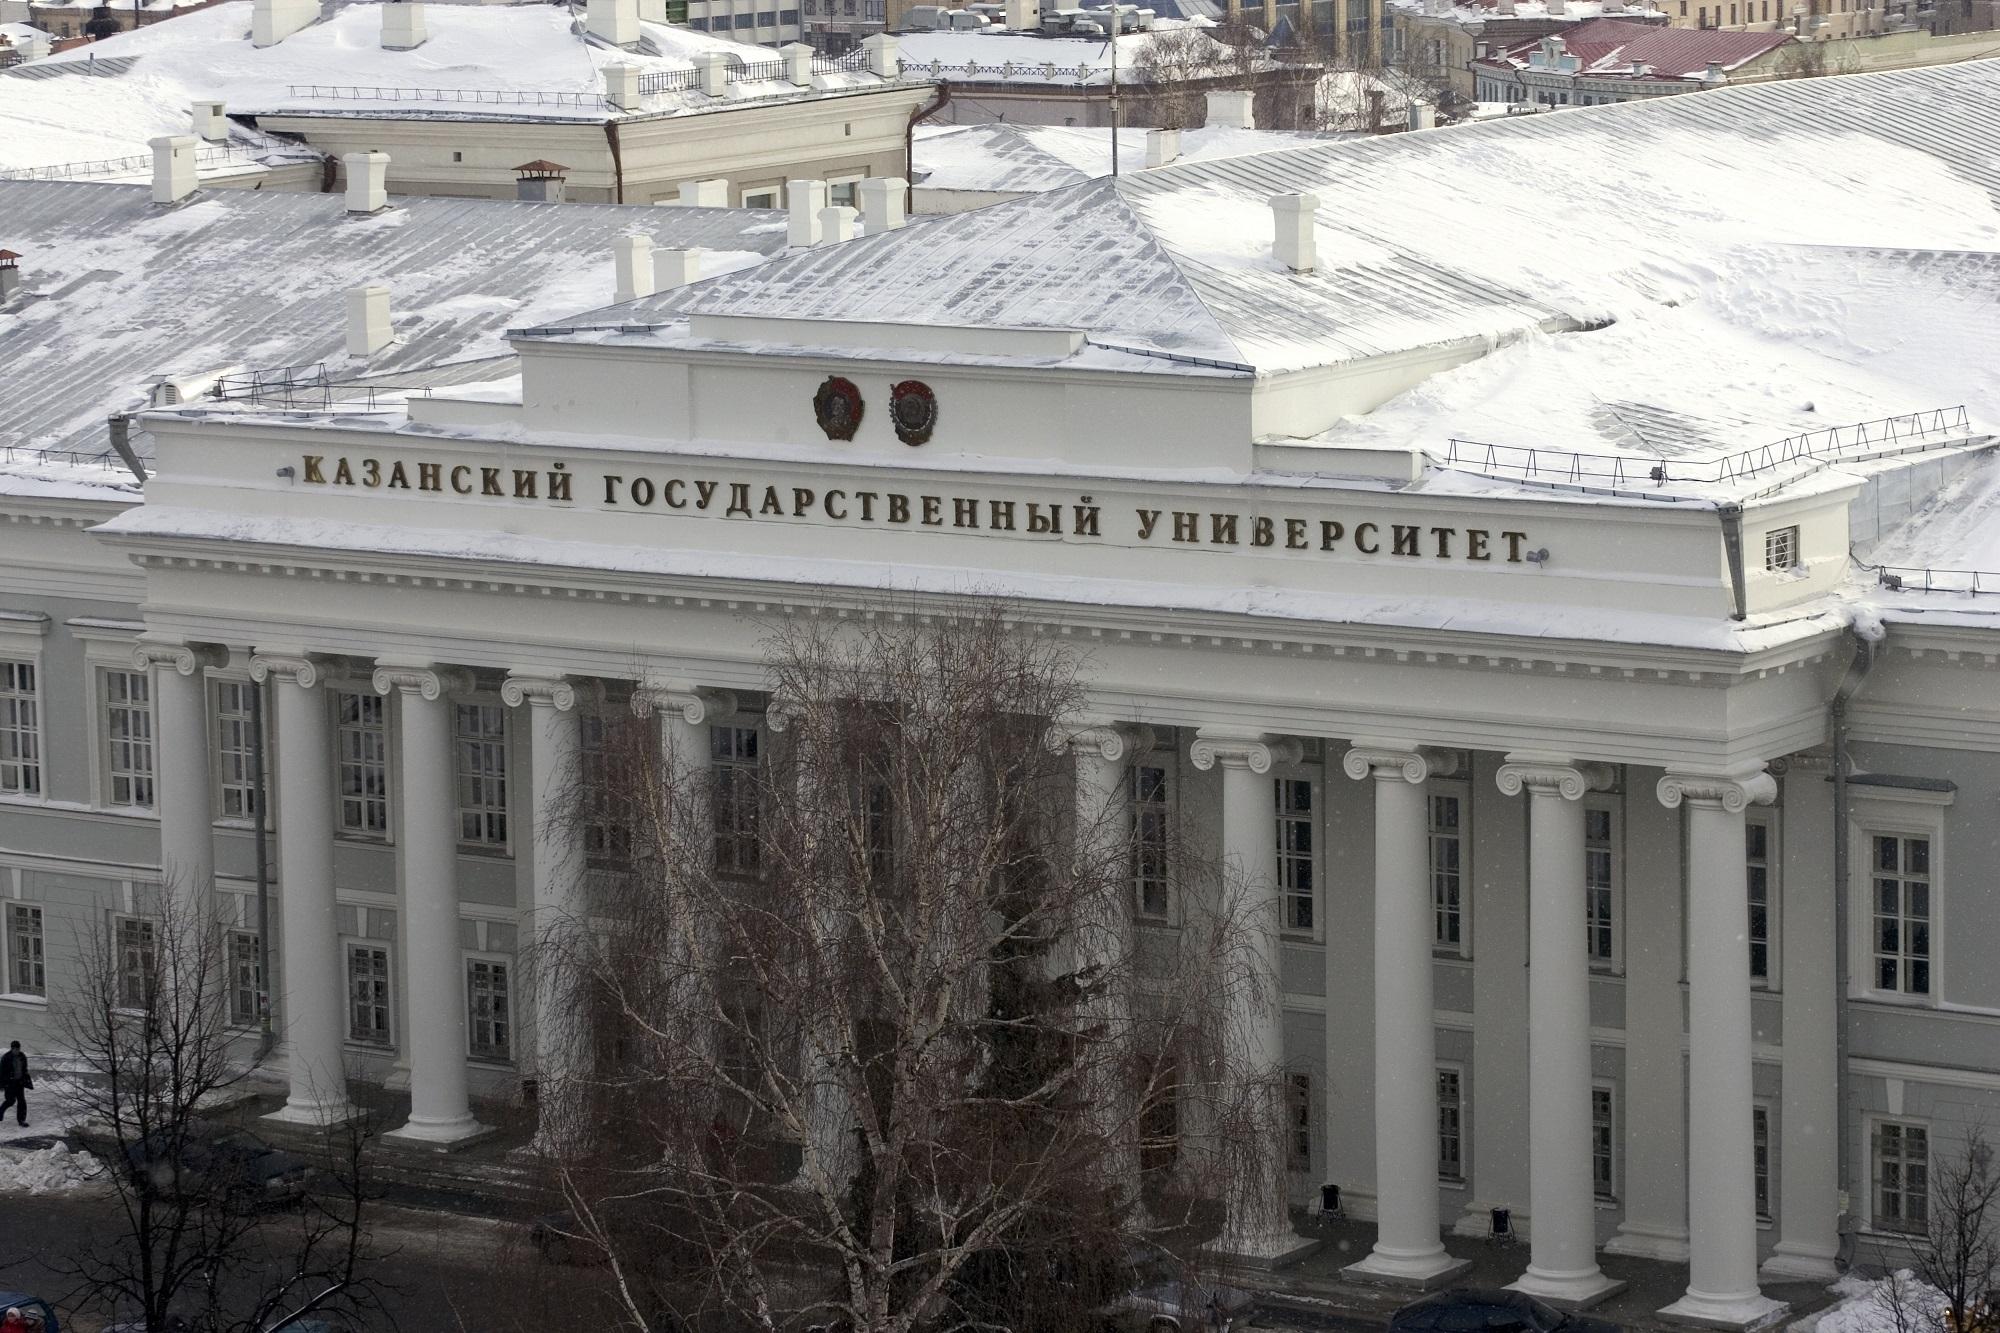 прорыв блокады ленинграда произошел в